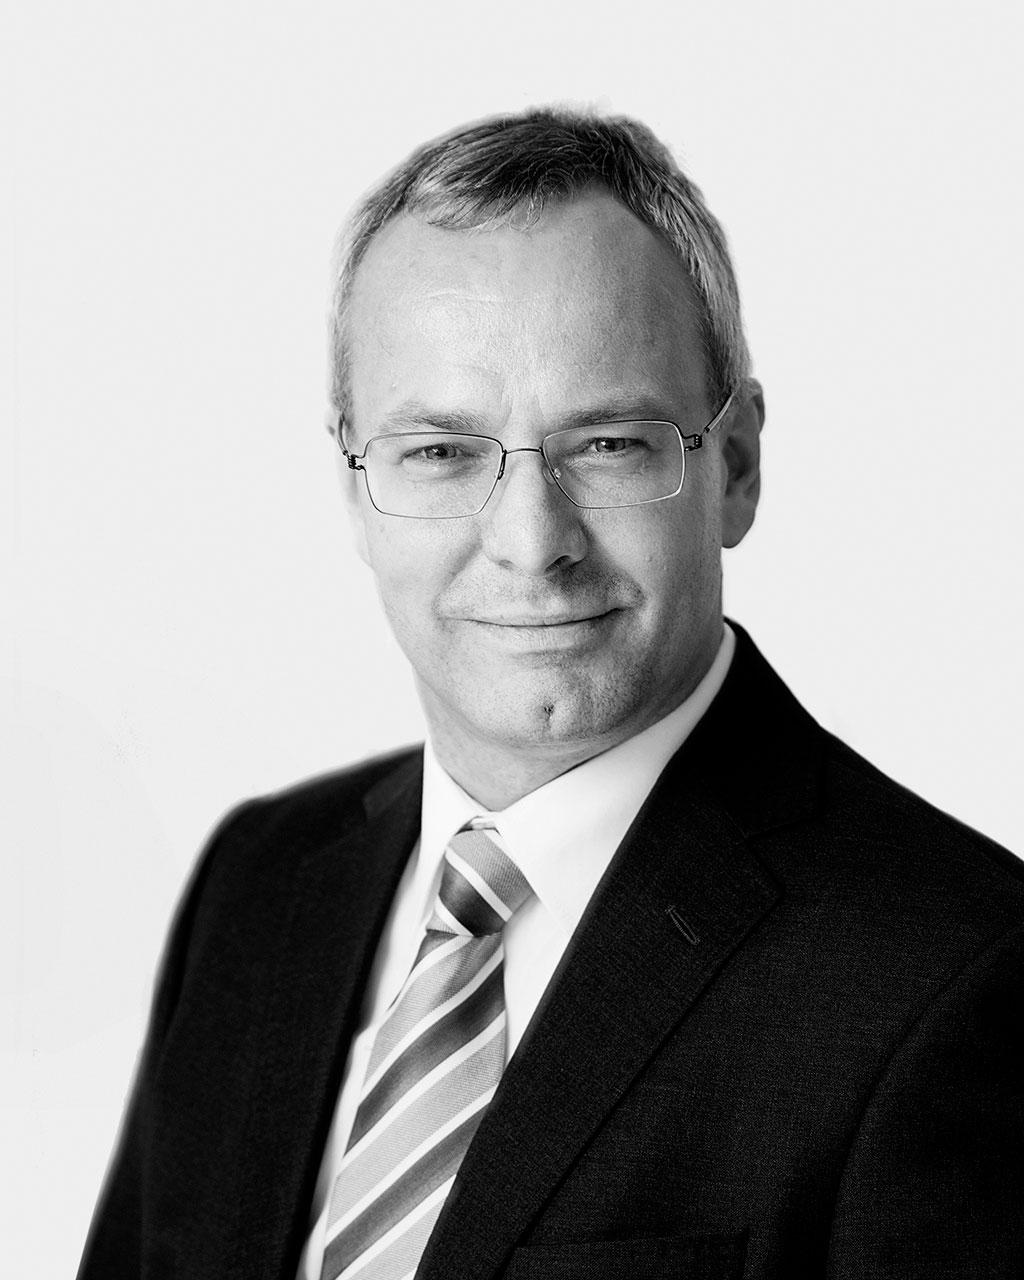 Nicolai V. Skjerdal - Eier og advokat